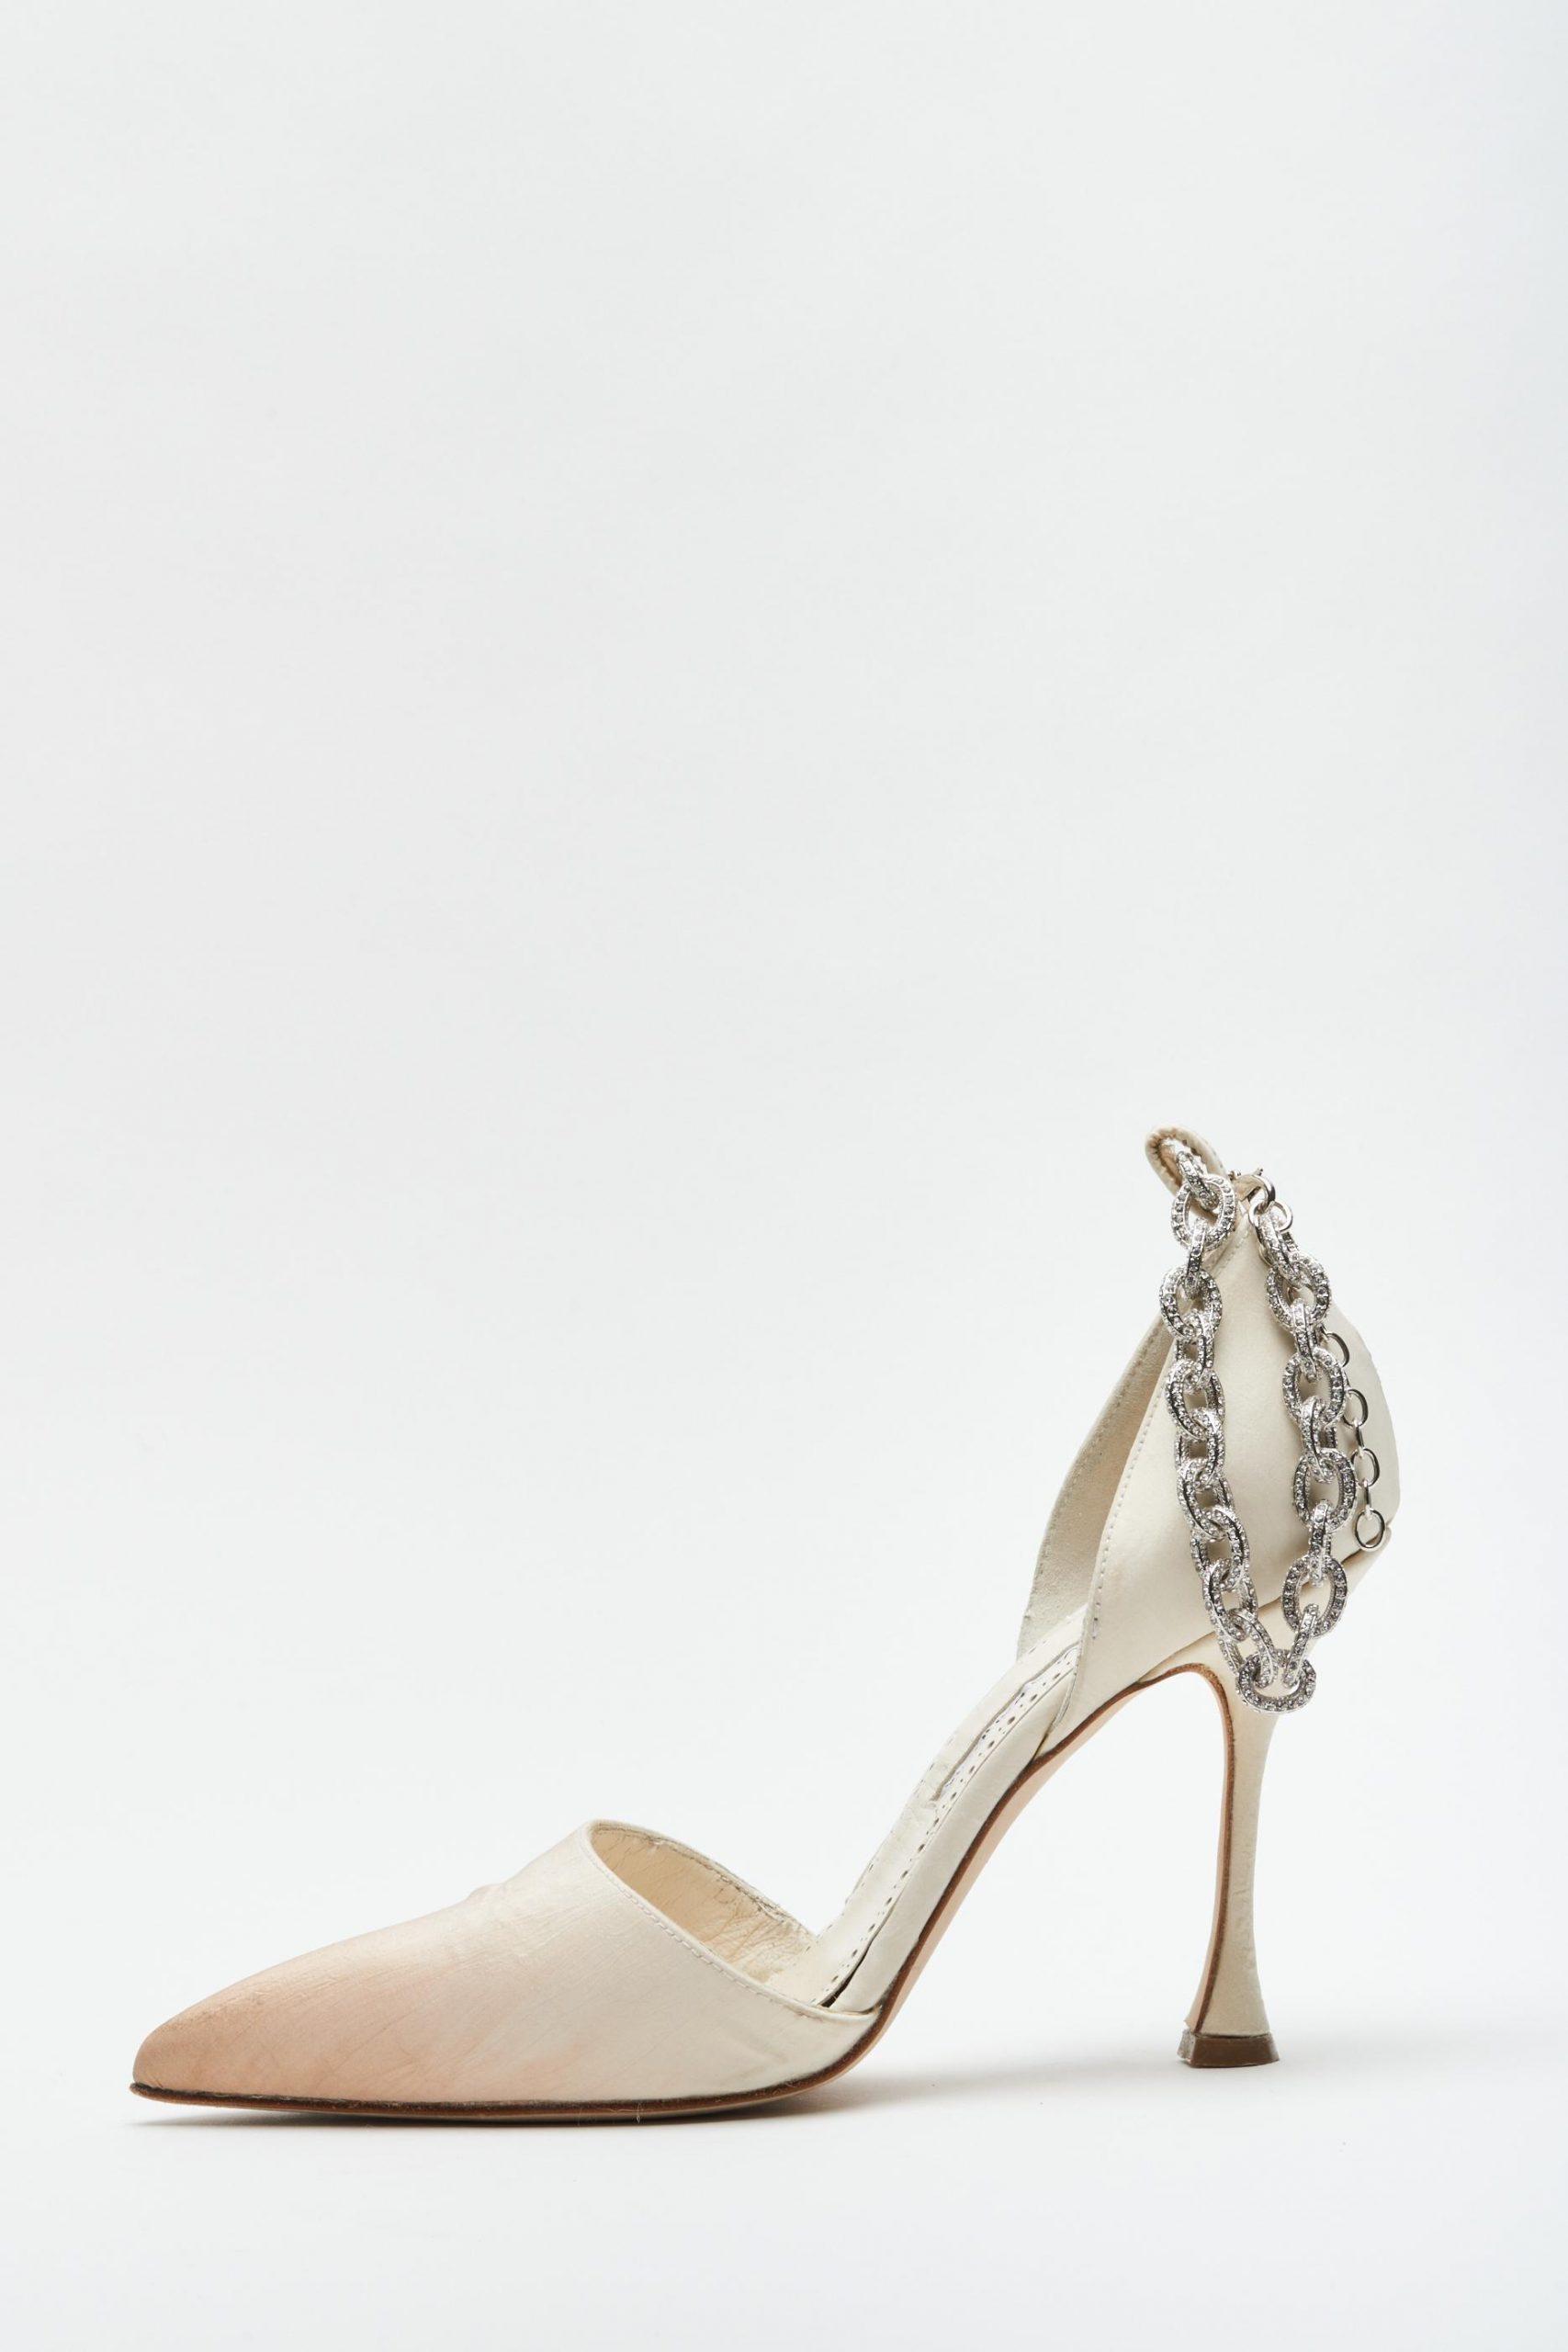 Zapatos de novia Manolo Blahnik para Danielle Frankel, vestidos de novia Danielle Frankel - Wedding Hub - 08